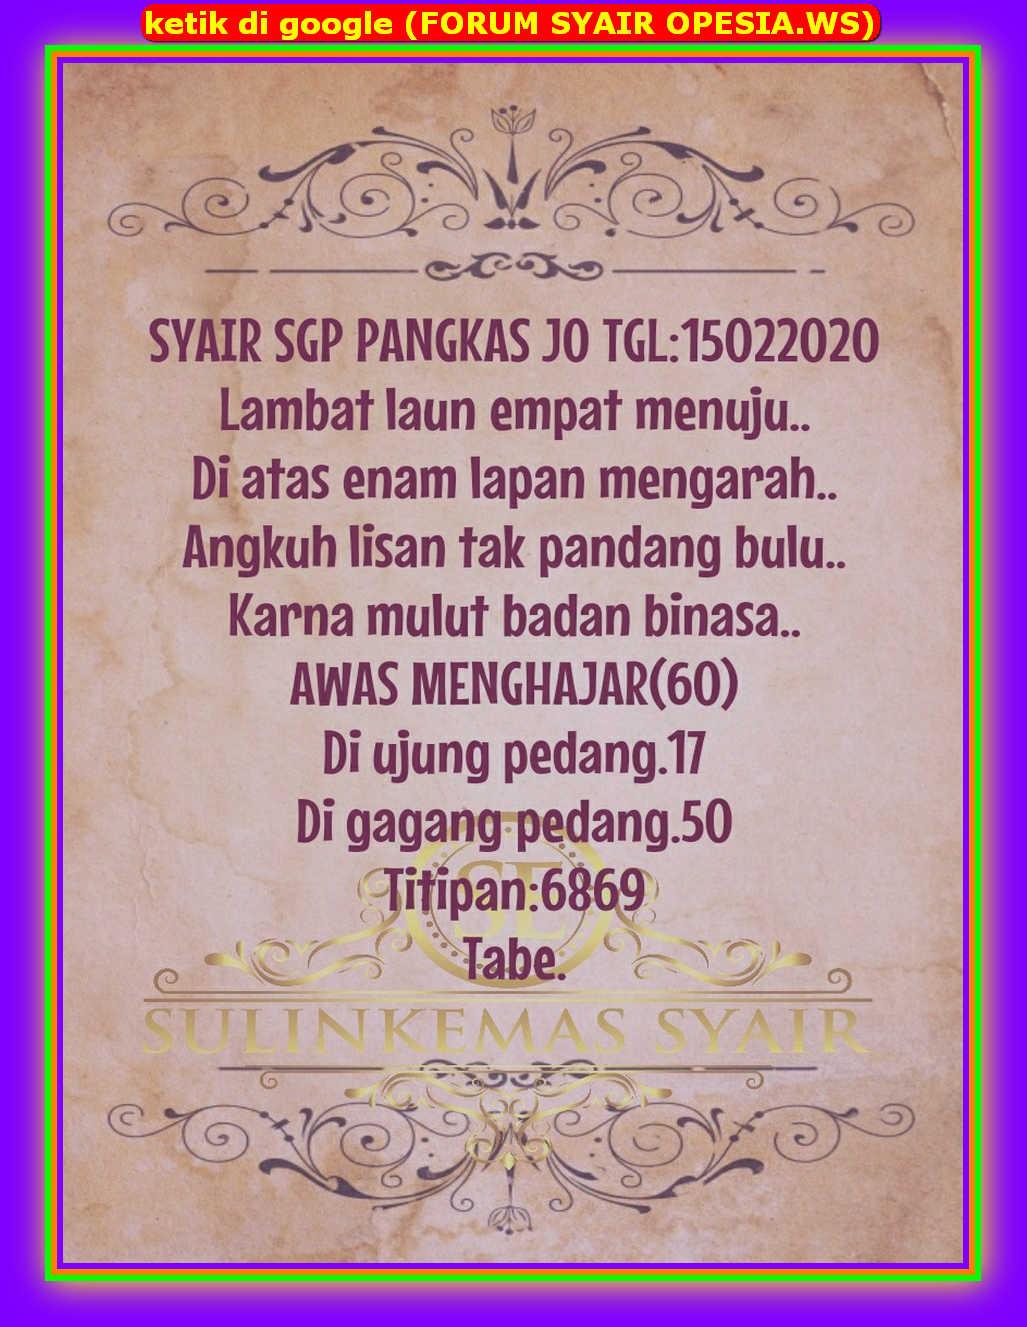 Kode syair Singapore Sabtu 15 Februari 2020 9